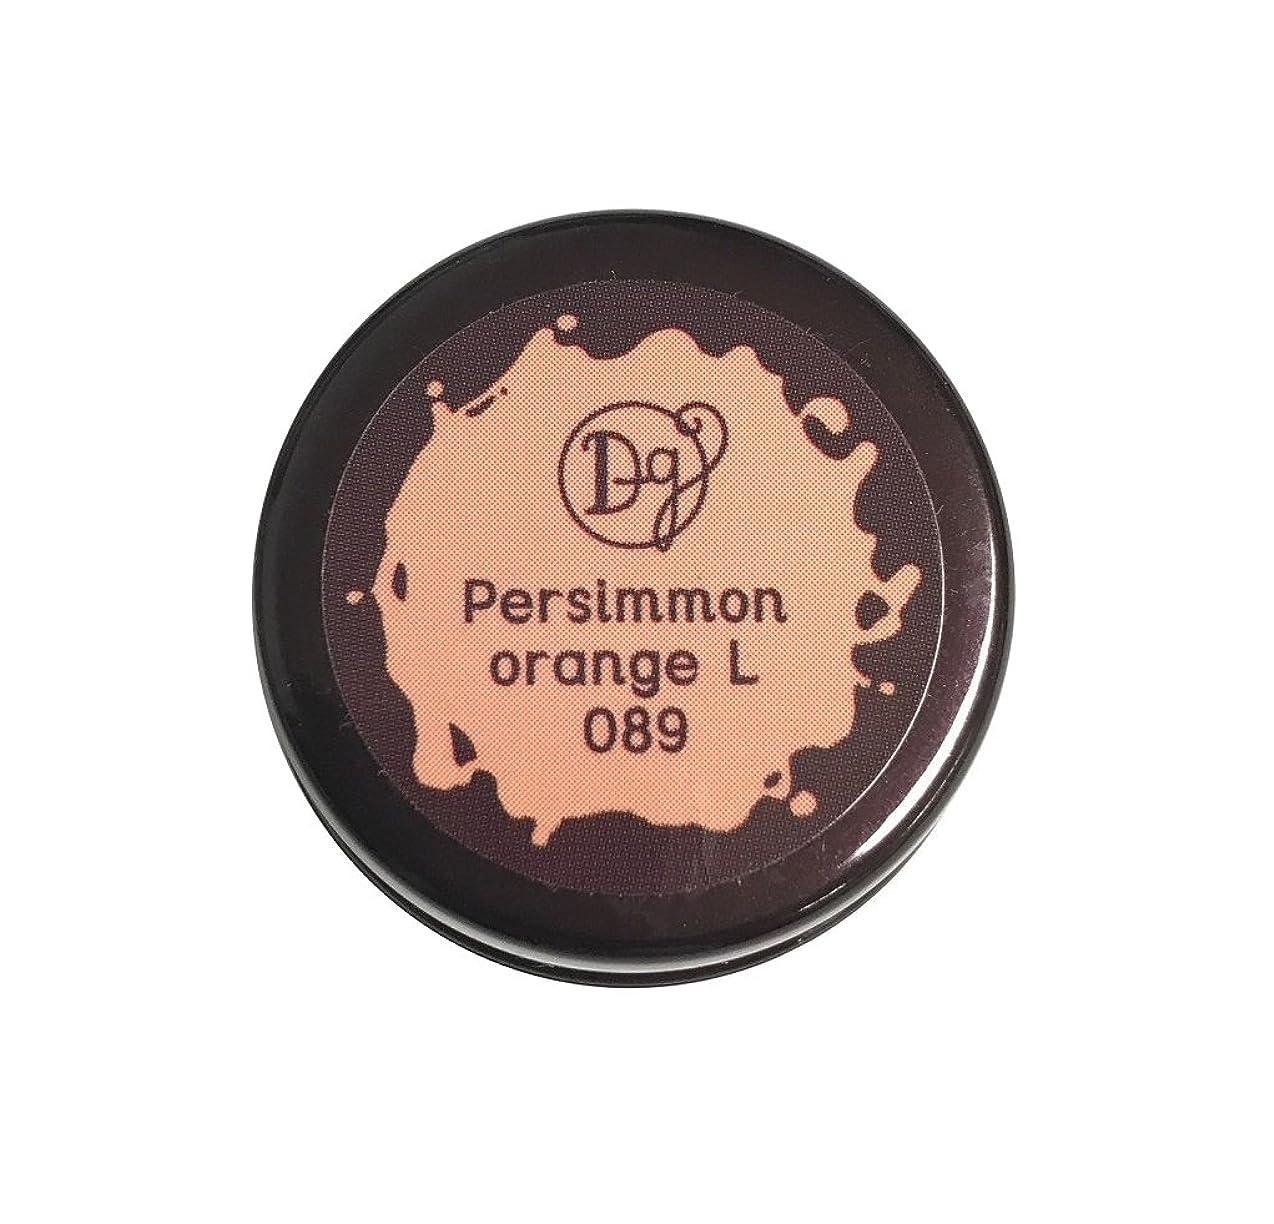 デマンド医療過誤テーブルを設定するDECORA GIRL カラージェル #089 パーシモンオレンジライト